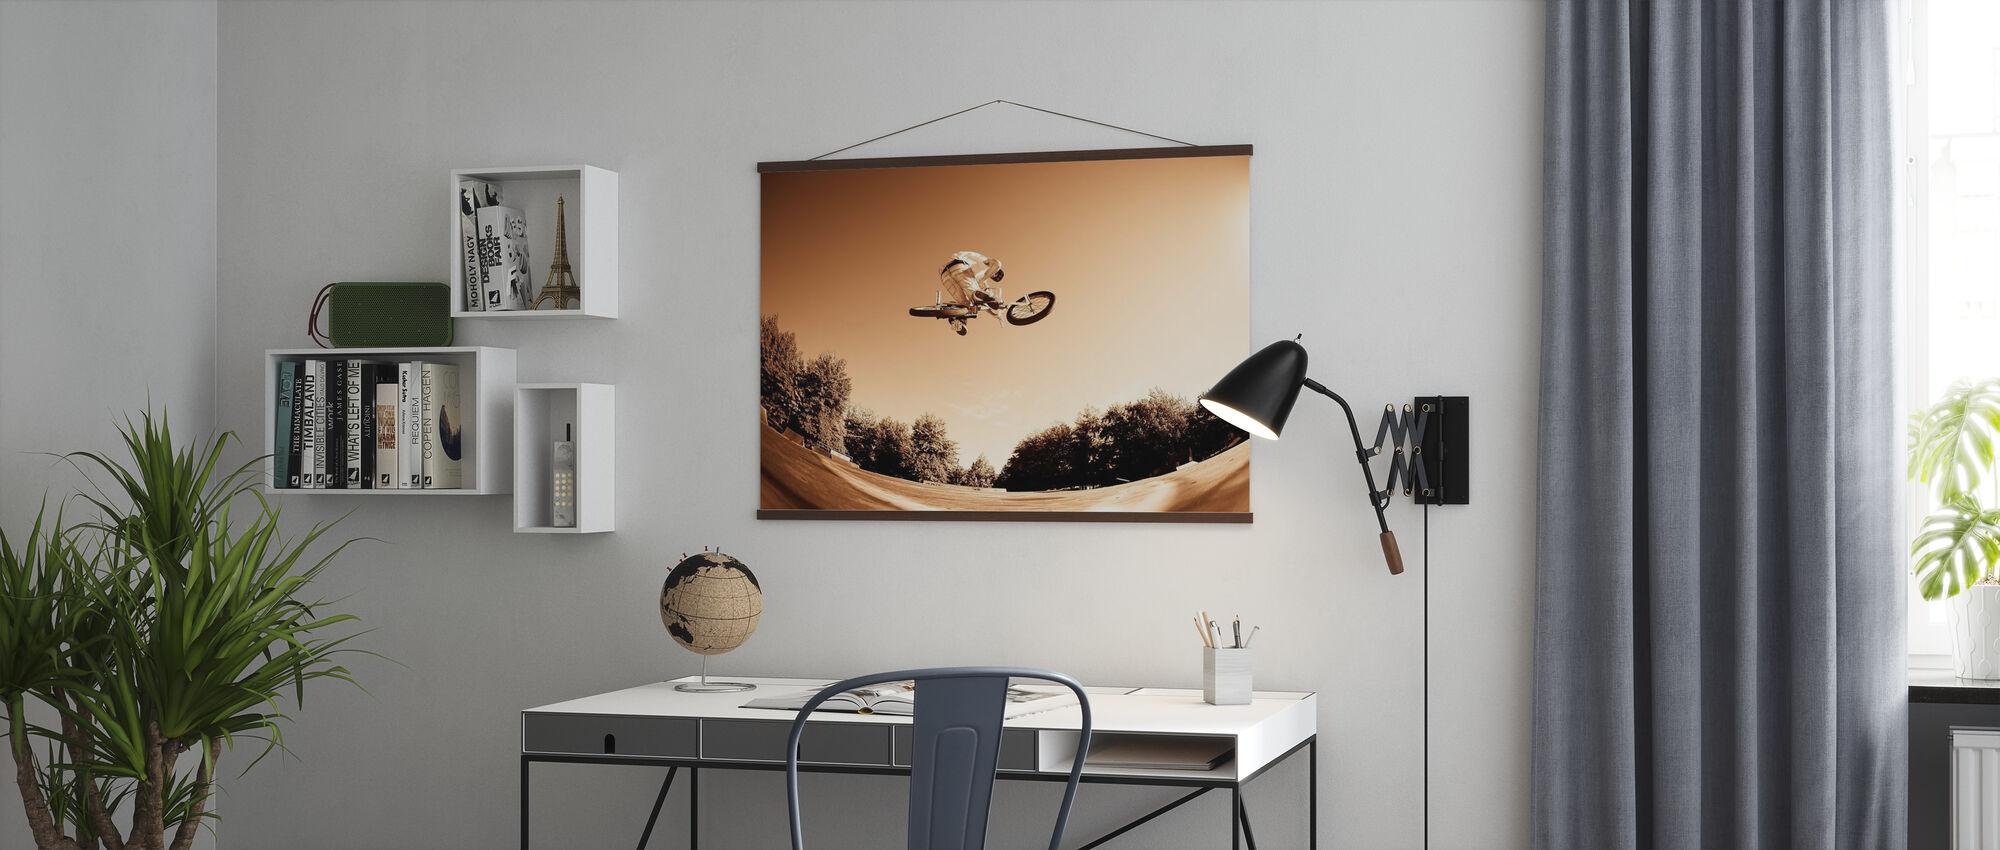 Wysoki skok BMX - Plakat - Biuro